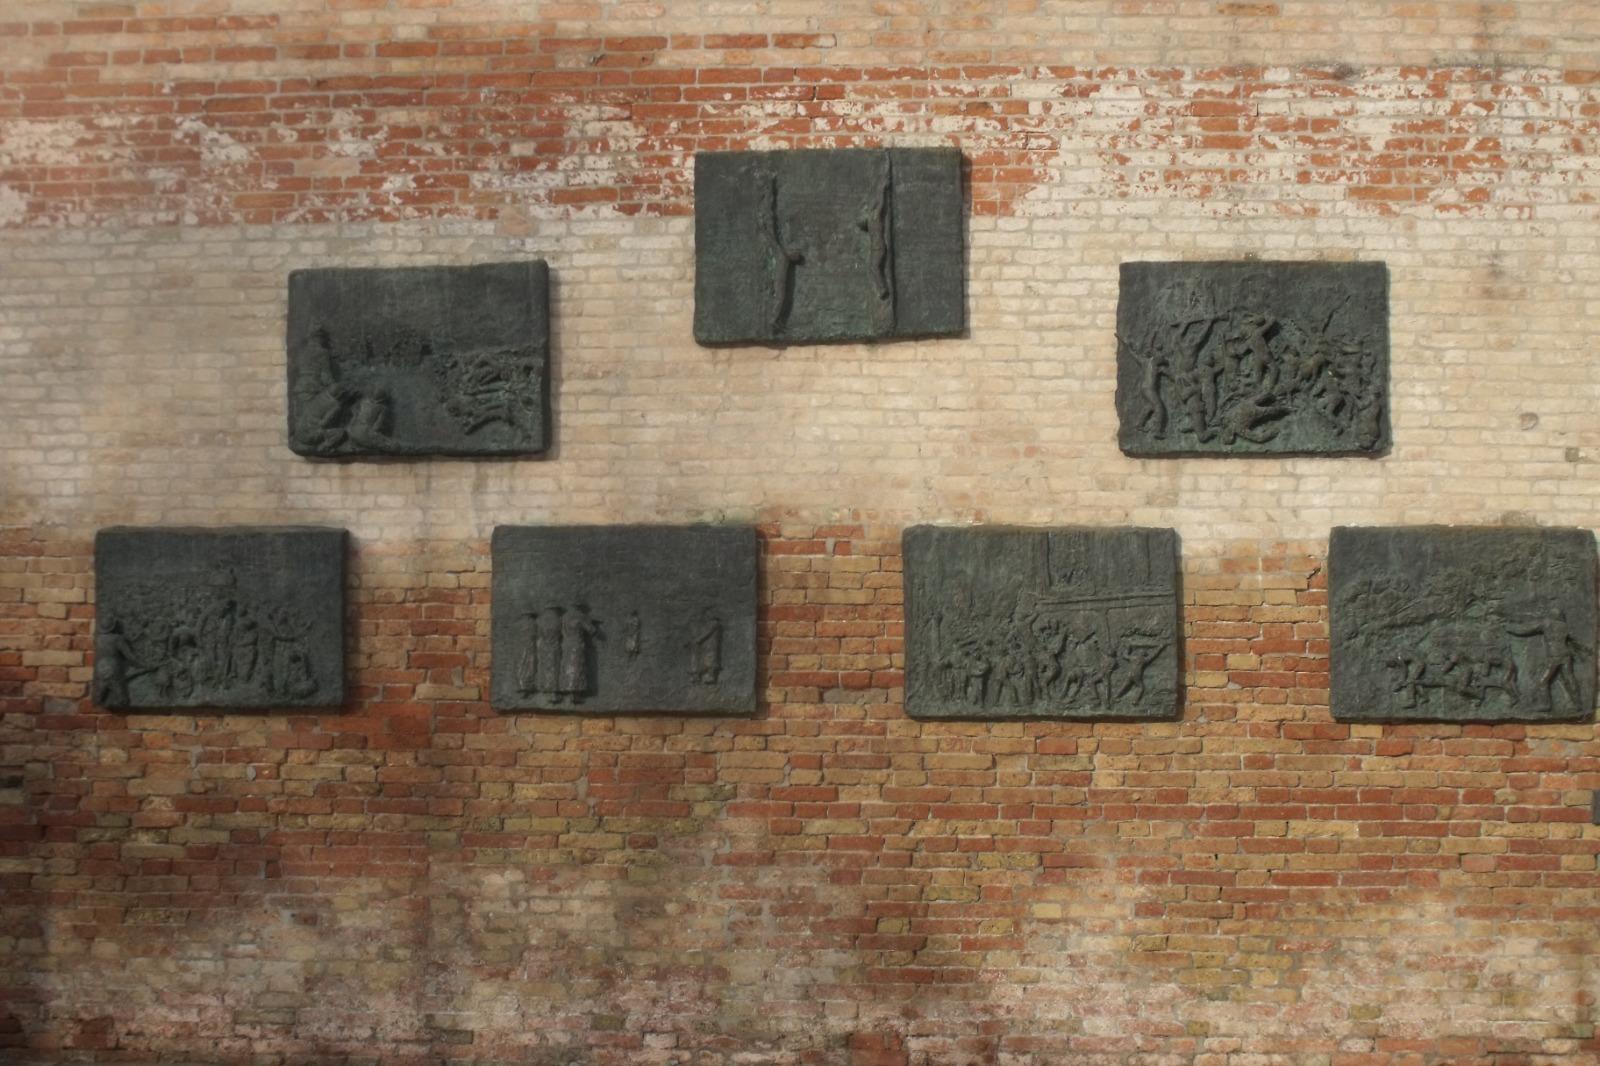 venezia4-1600183203.jpg